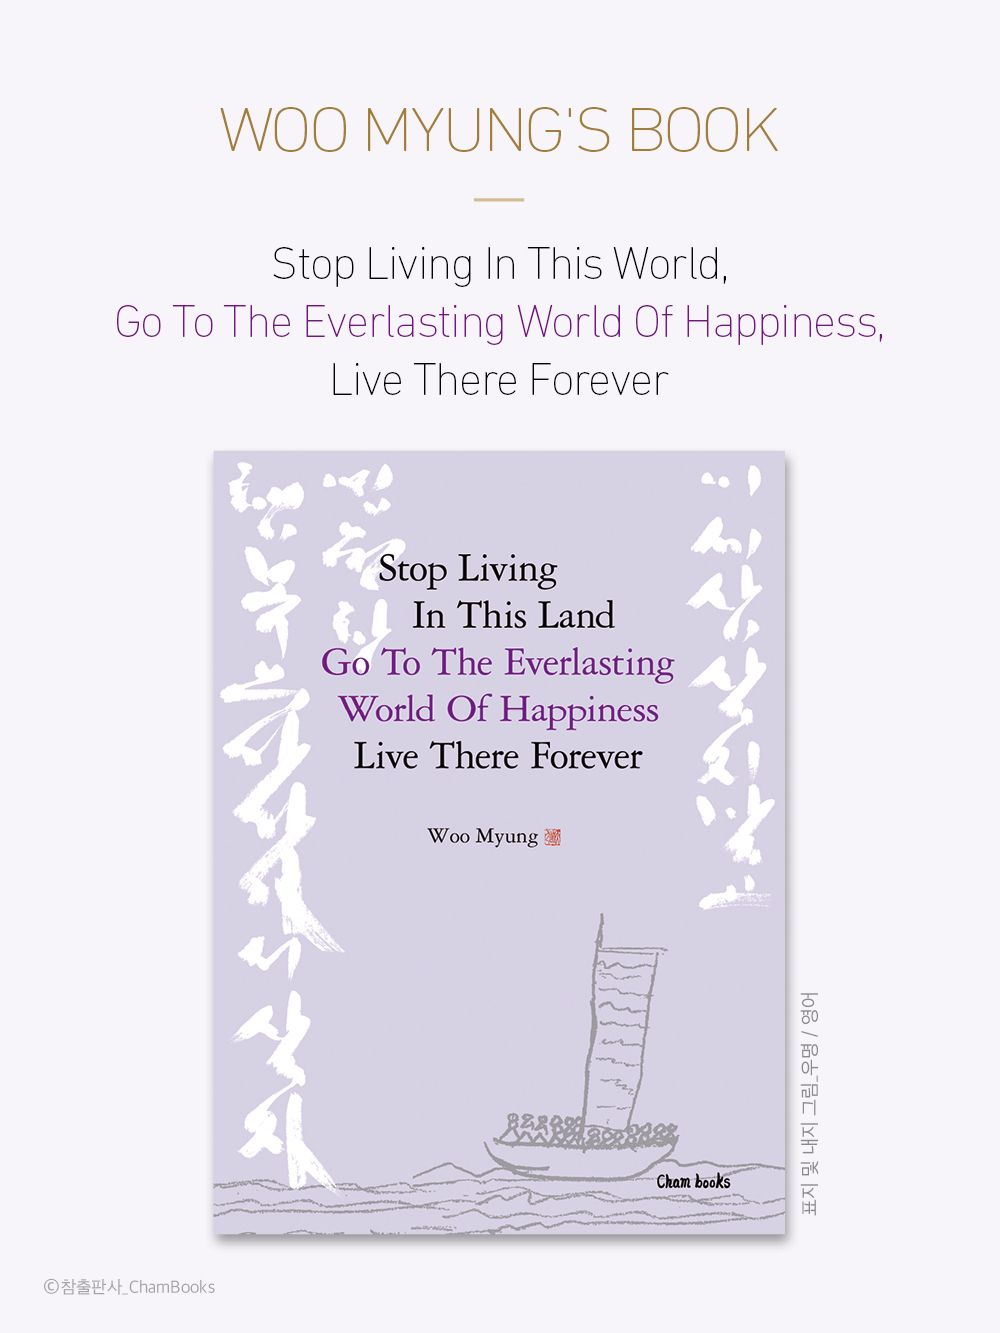 마음수련 우명 선생의 책 // 영어<Stop Living In This World, Go To The Everlasting World Of Happiness, Live There Forever> / 한국어<이 세상 살지 말고 영원한 행복의 나라 가서 살자> / http://www.meditationwoomyung.org / (우명 지음 / 참출판사) / #북커버 #bookcover #마음수련 #마음수련우명 //